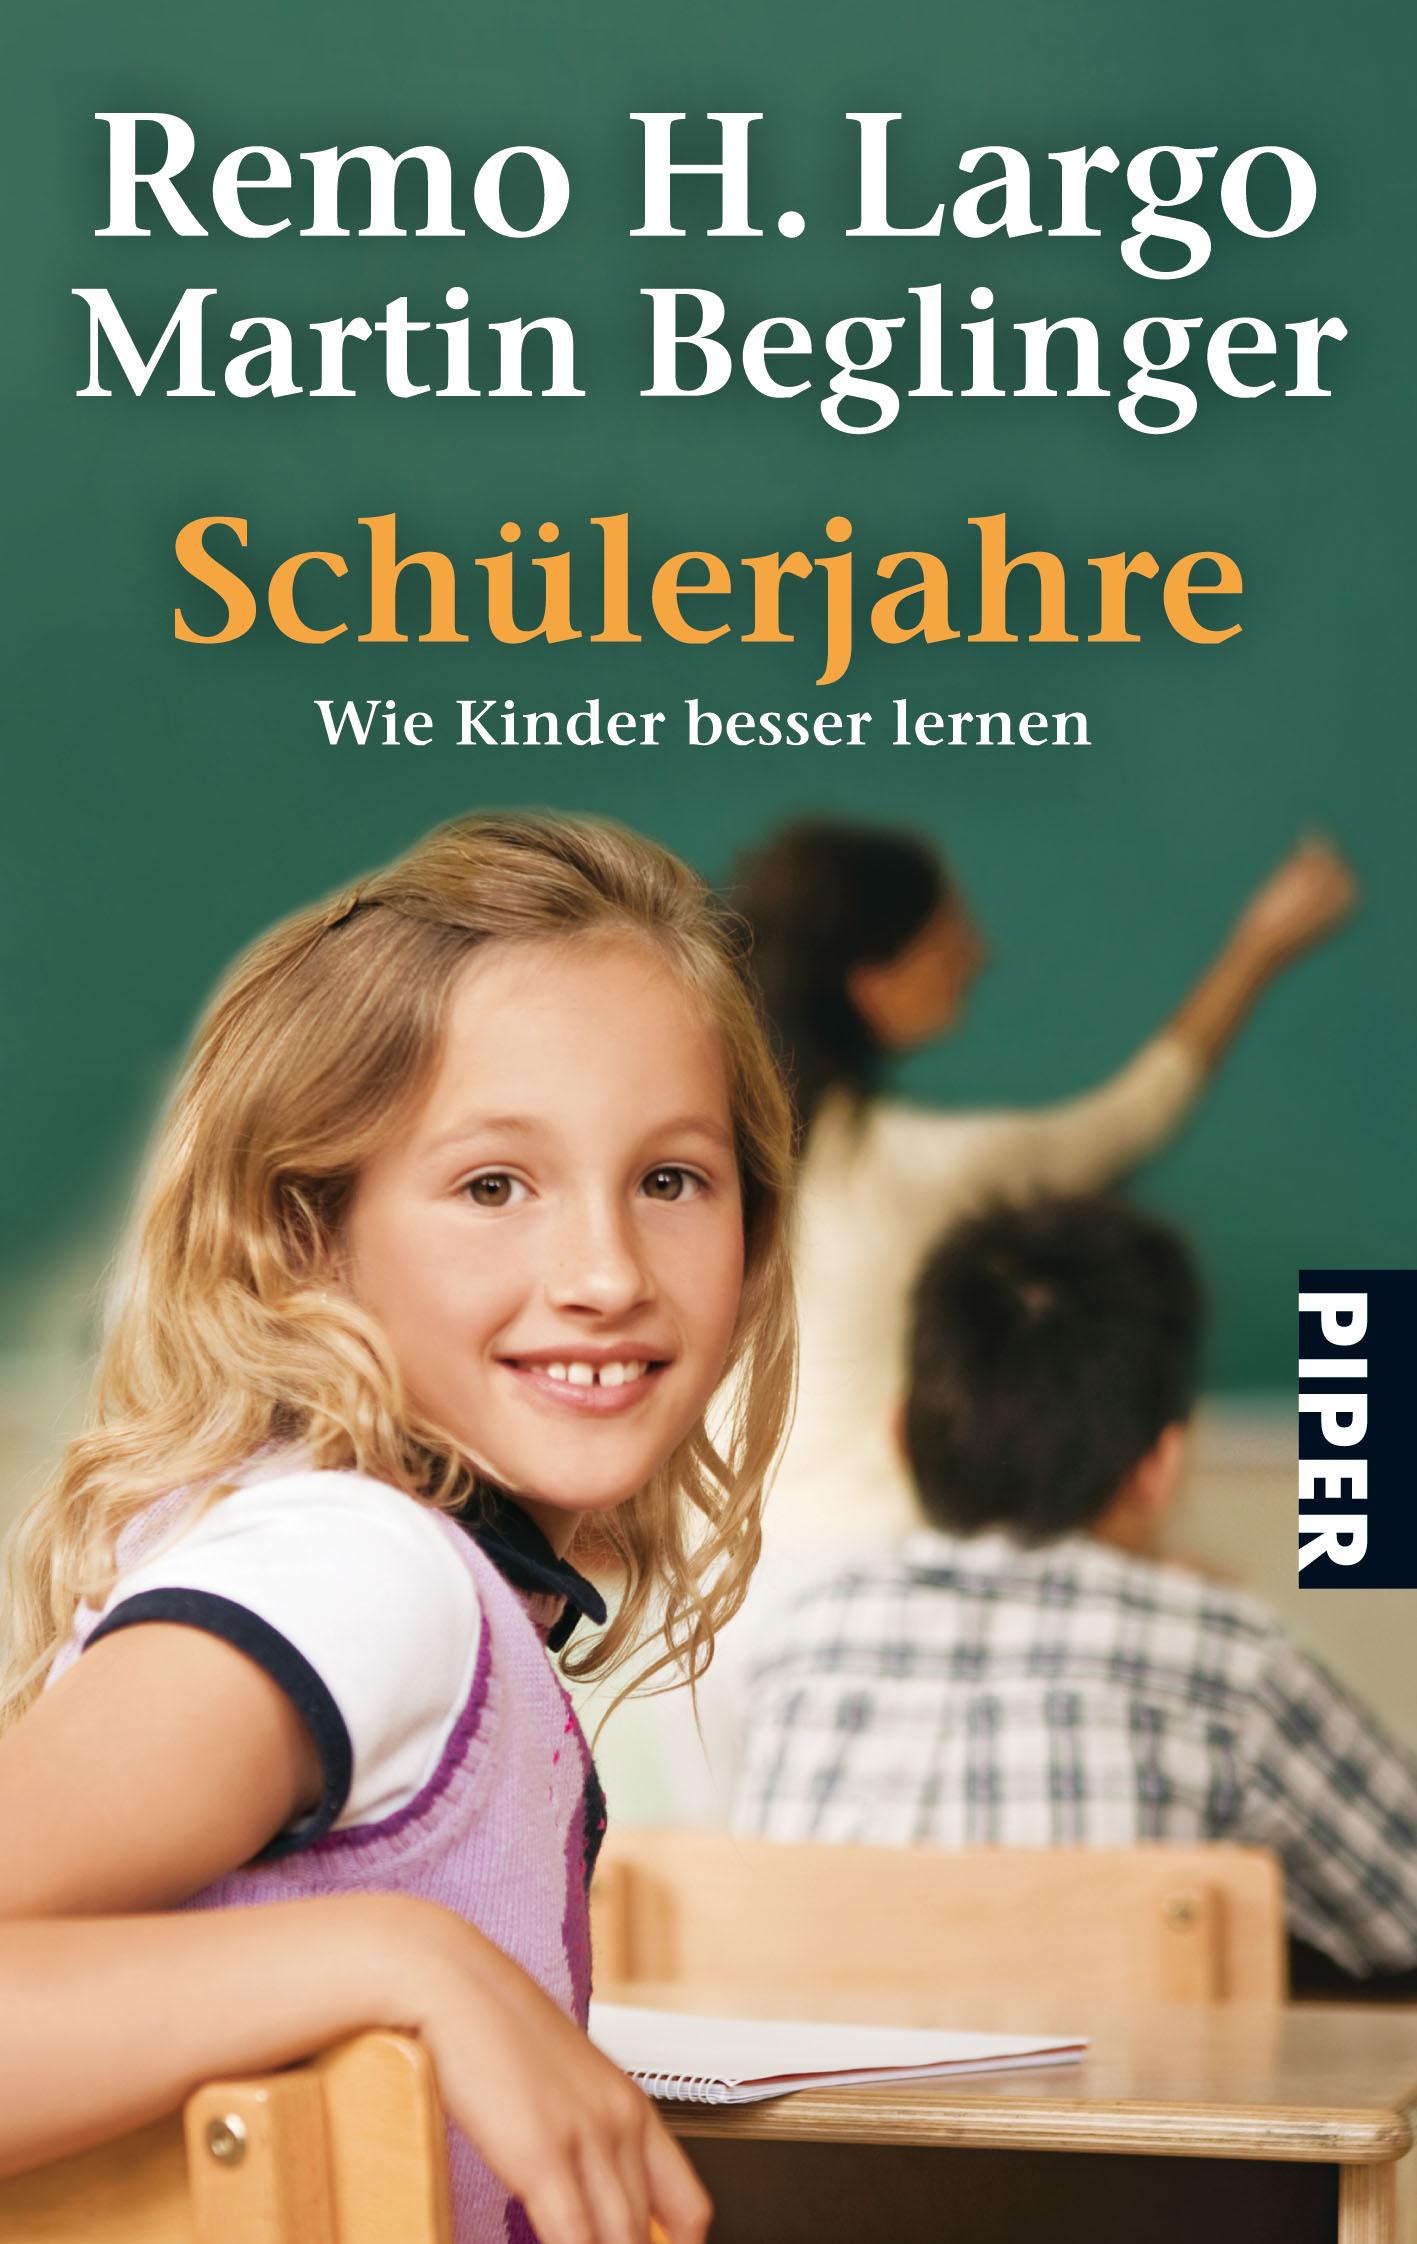 Schülerjahre: Wie Kinder besser lernen - Remo H. Largo